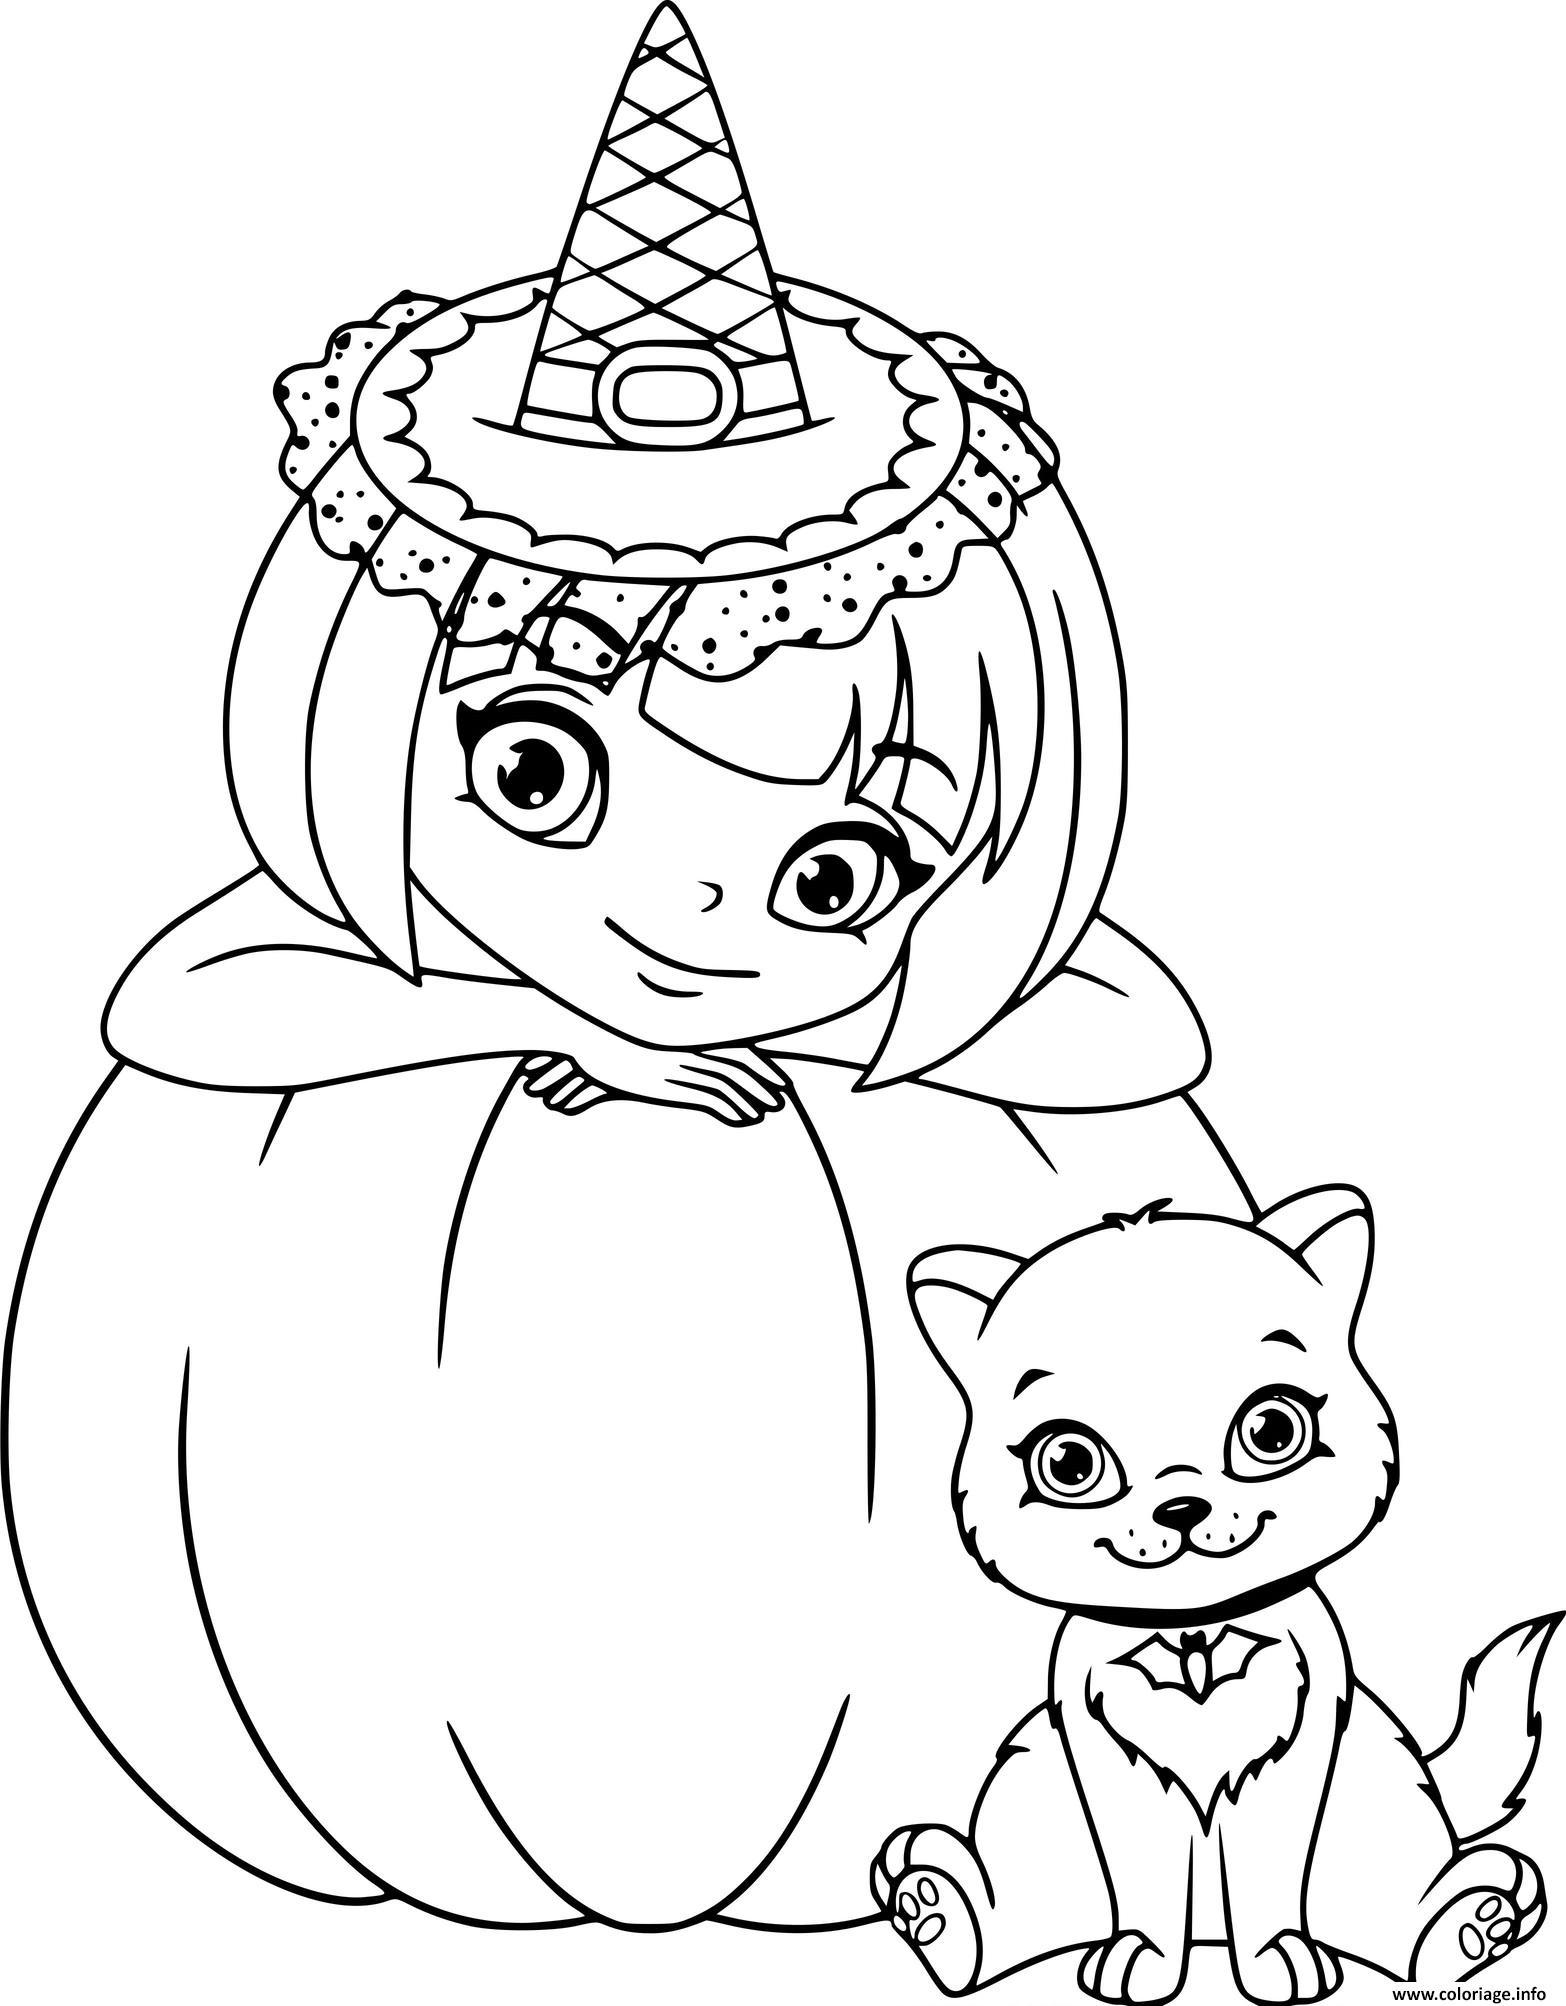 Dessin magnifique sorciere et son chat avec une citrouille Coloriage Gratuit à Imprimer